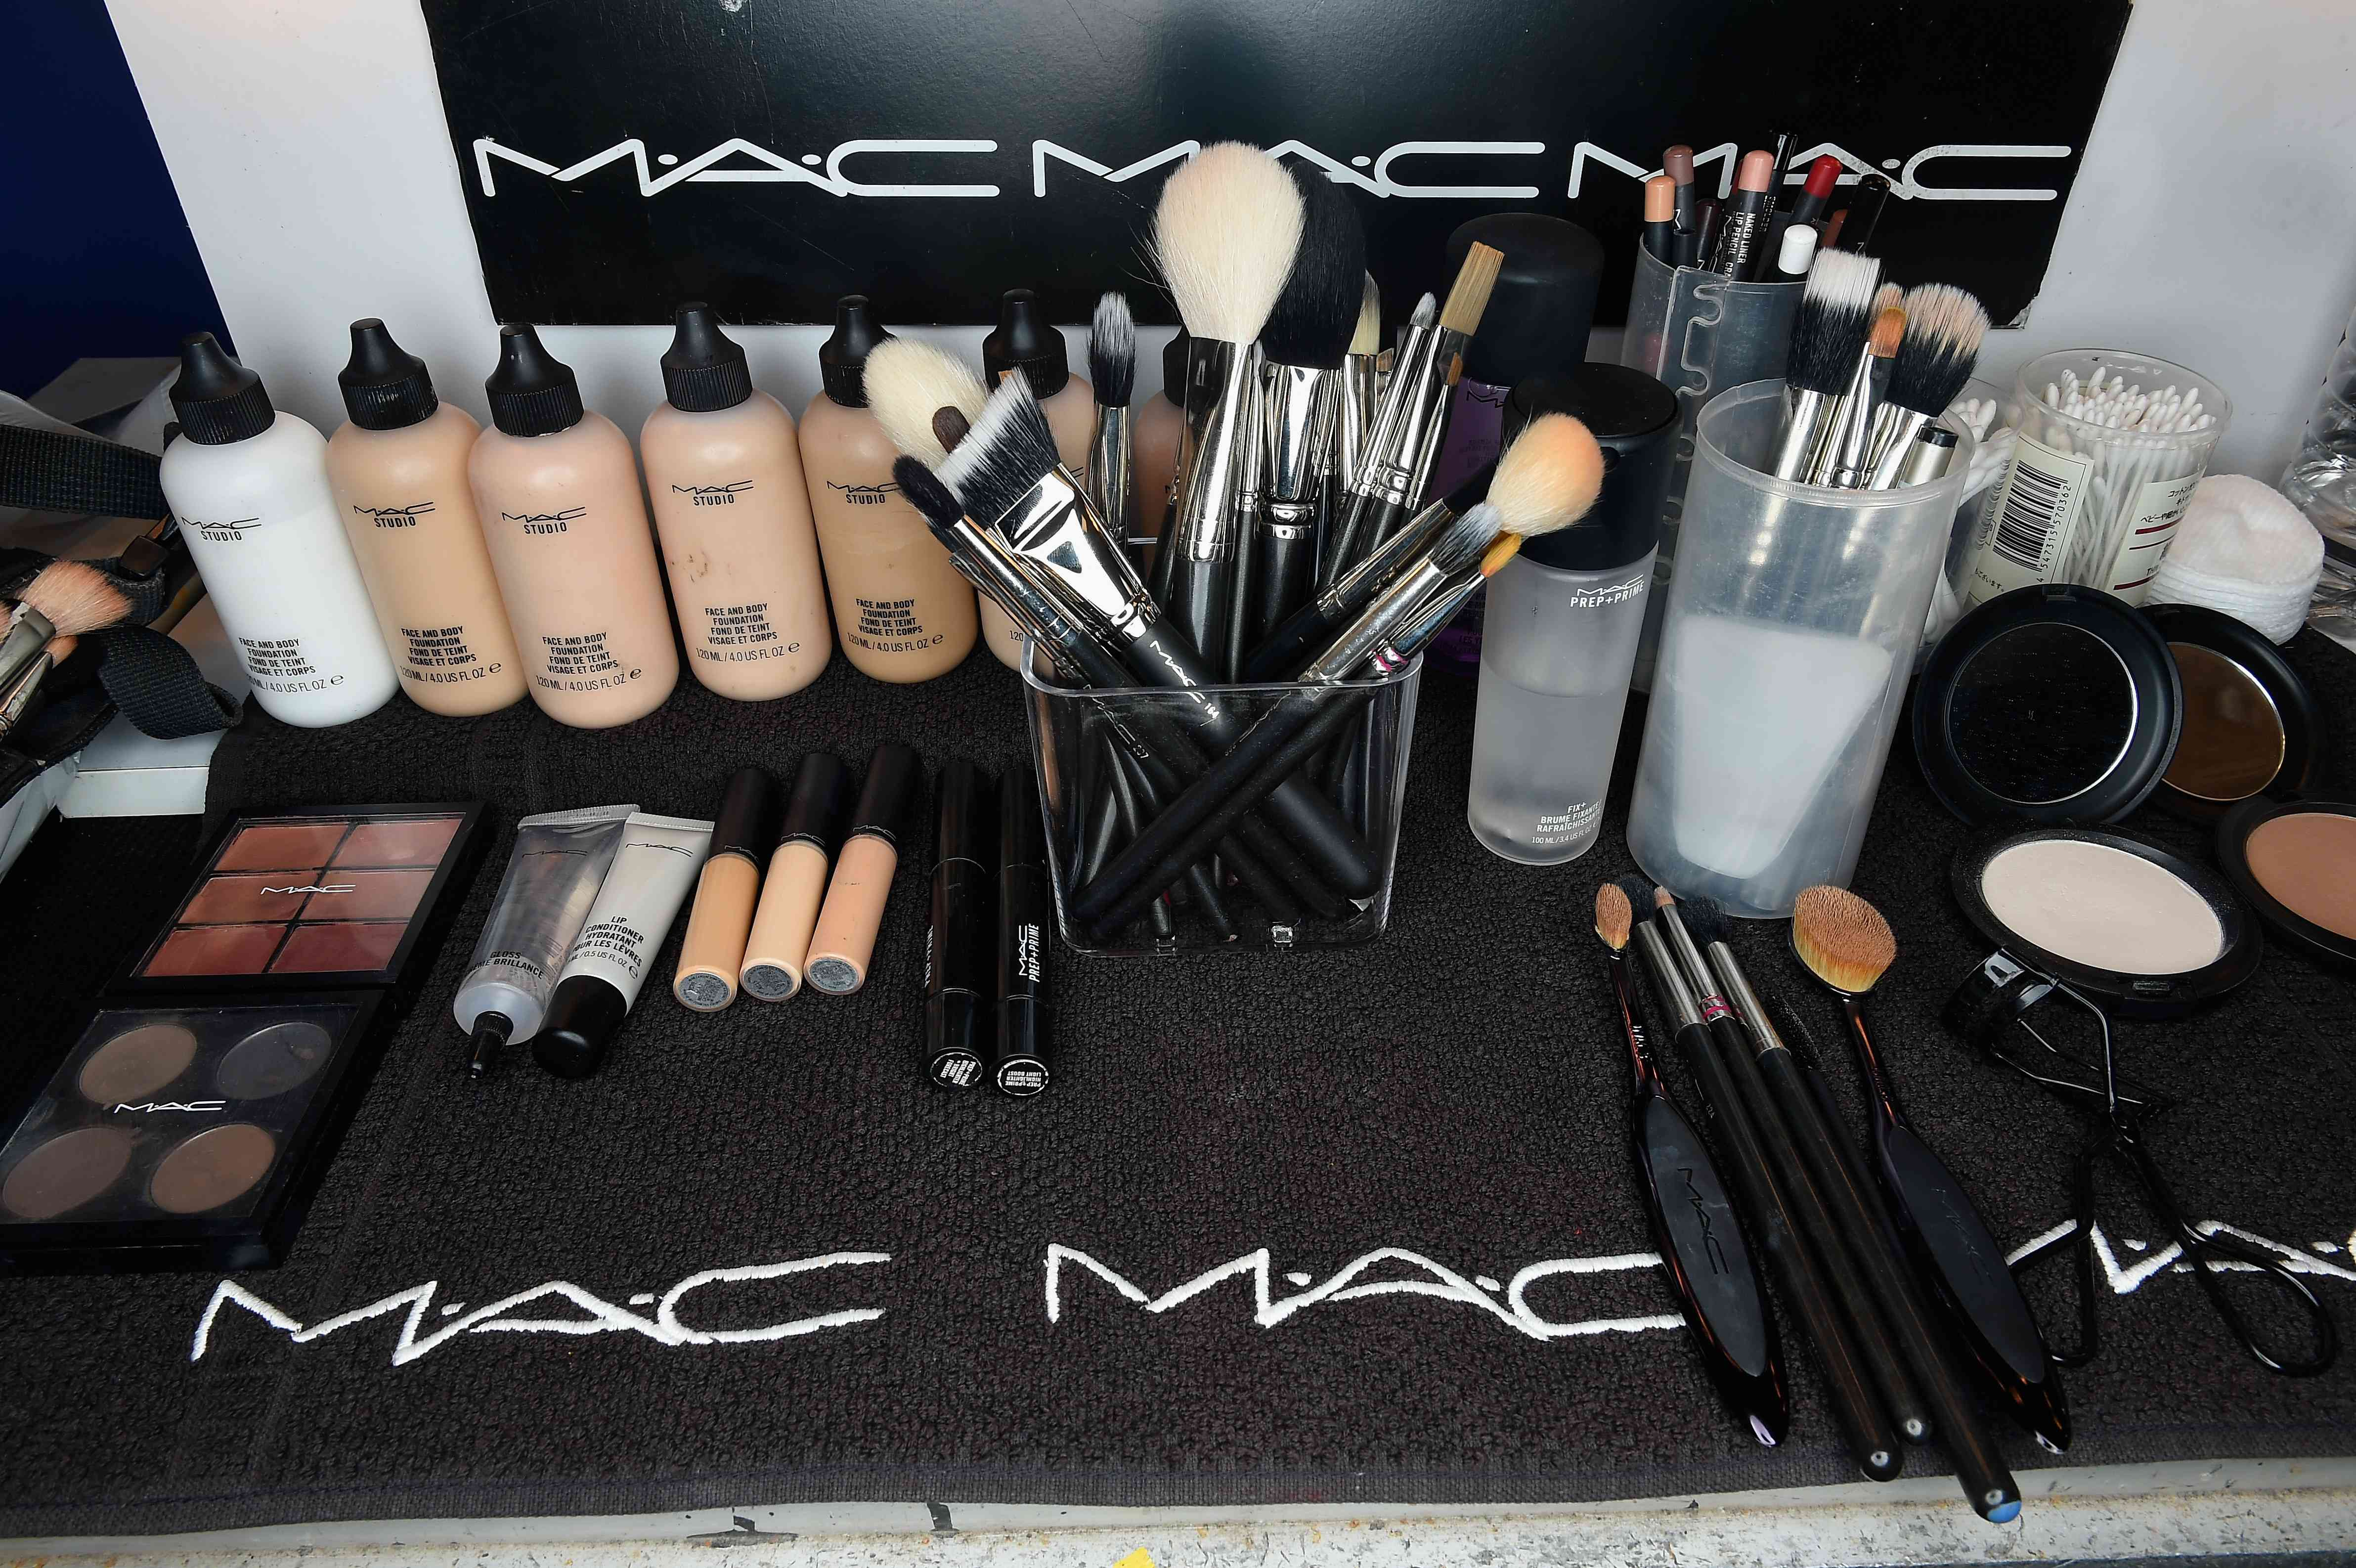 Купить косметику mac в новосибирске teana косметика купить екатеринбург